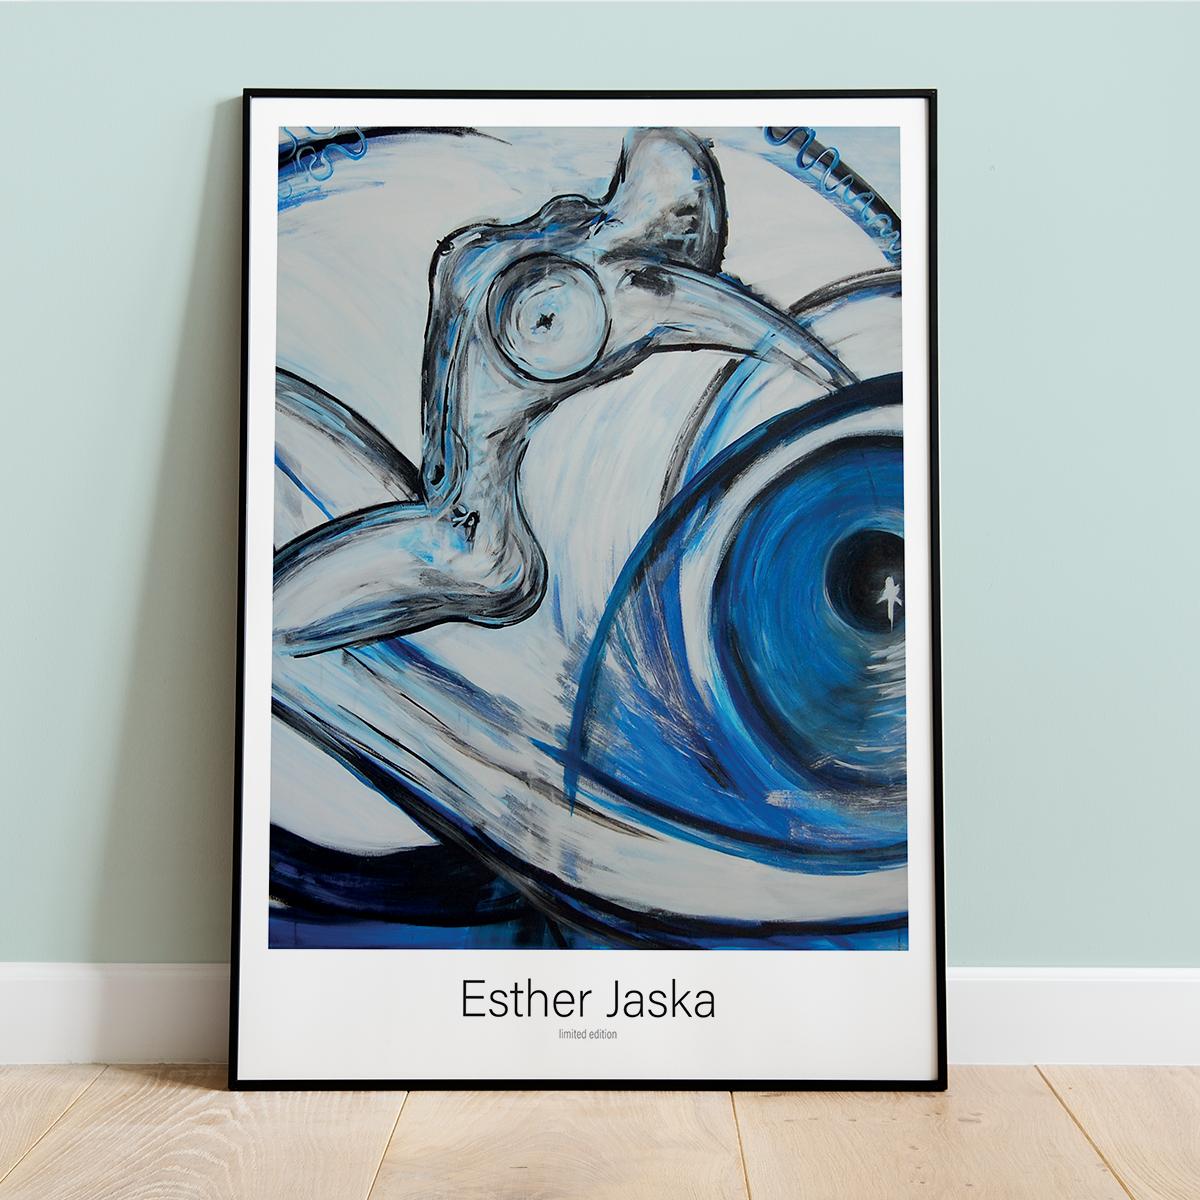 Esther Jaska